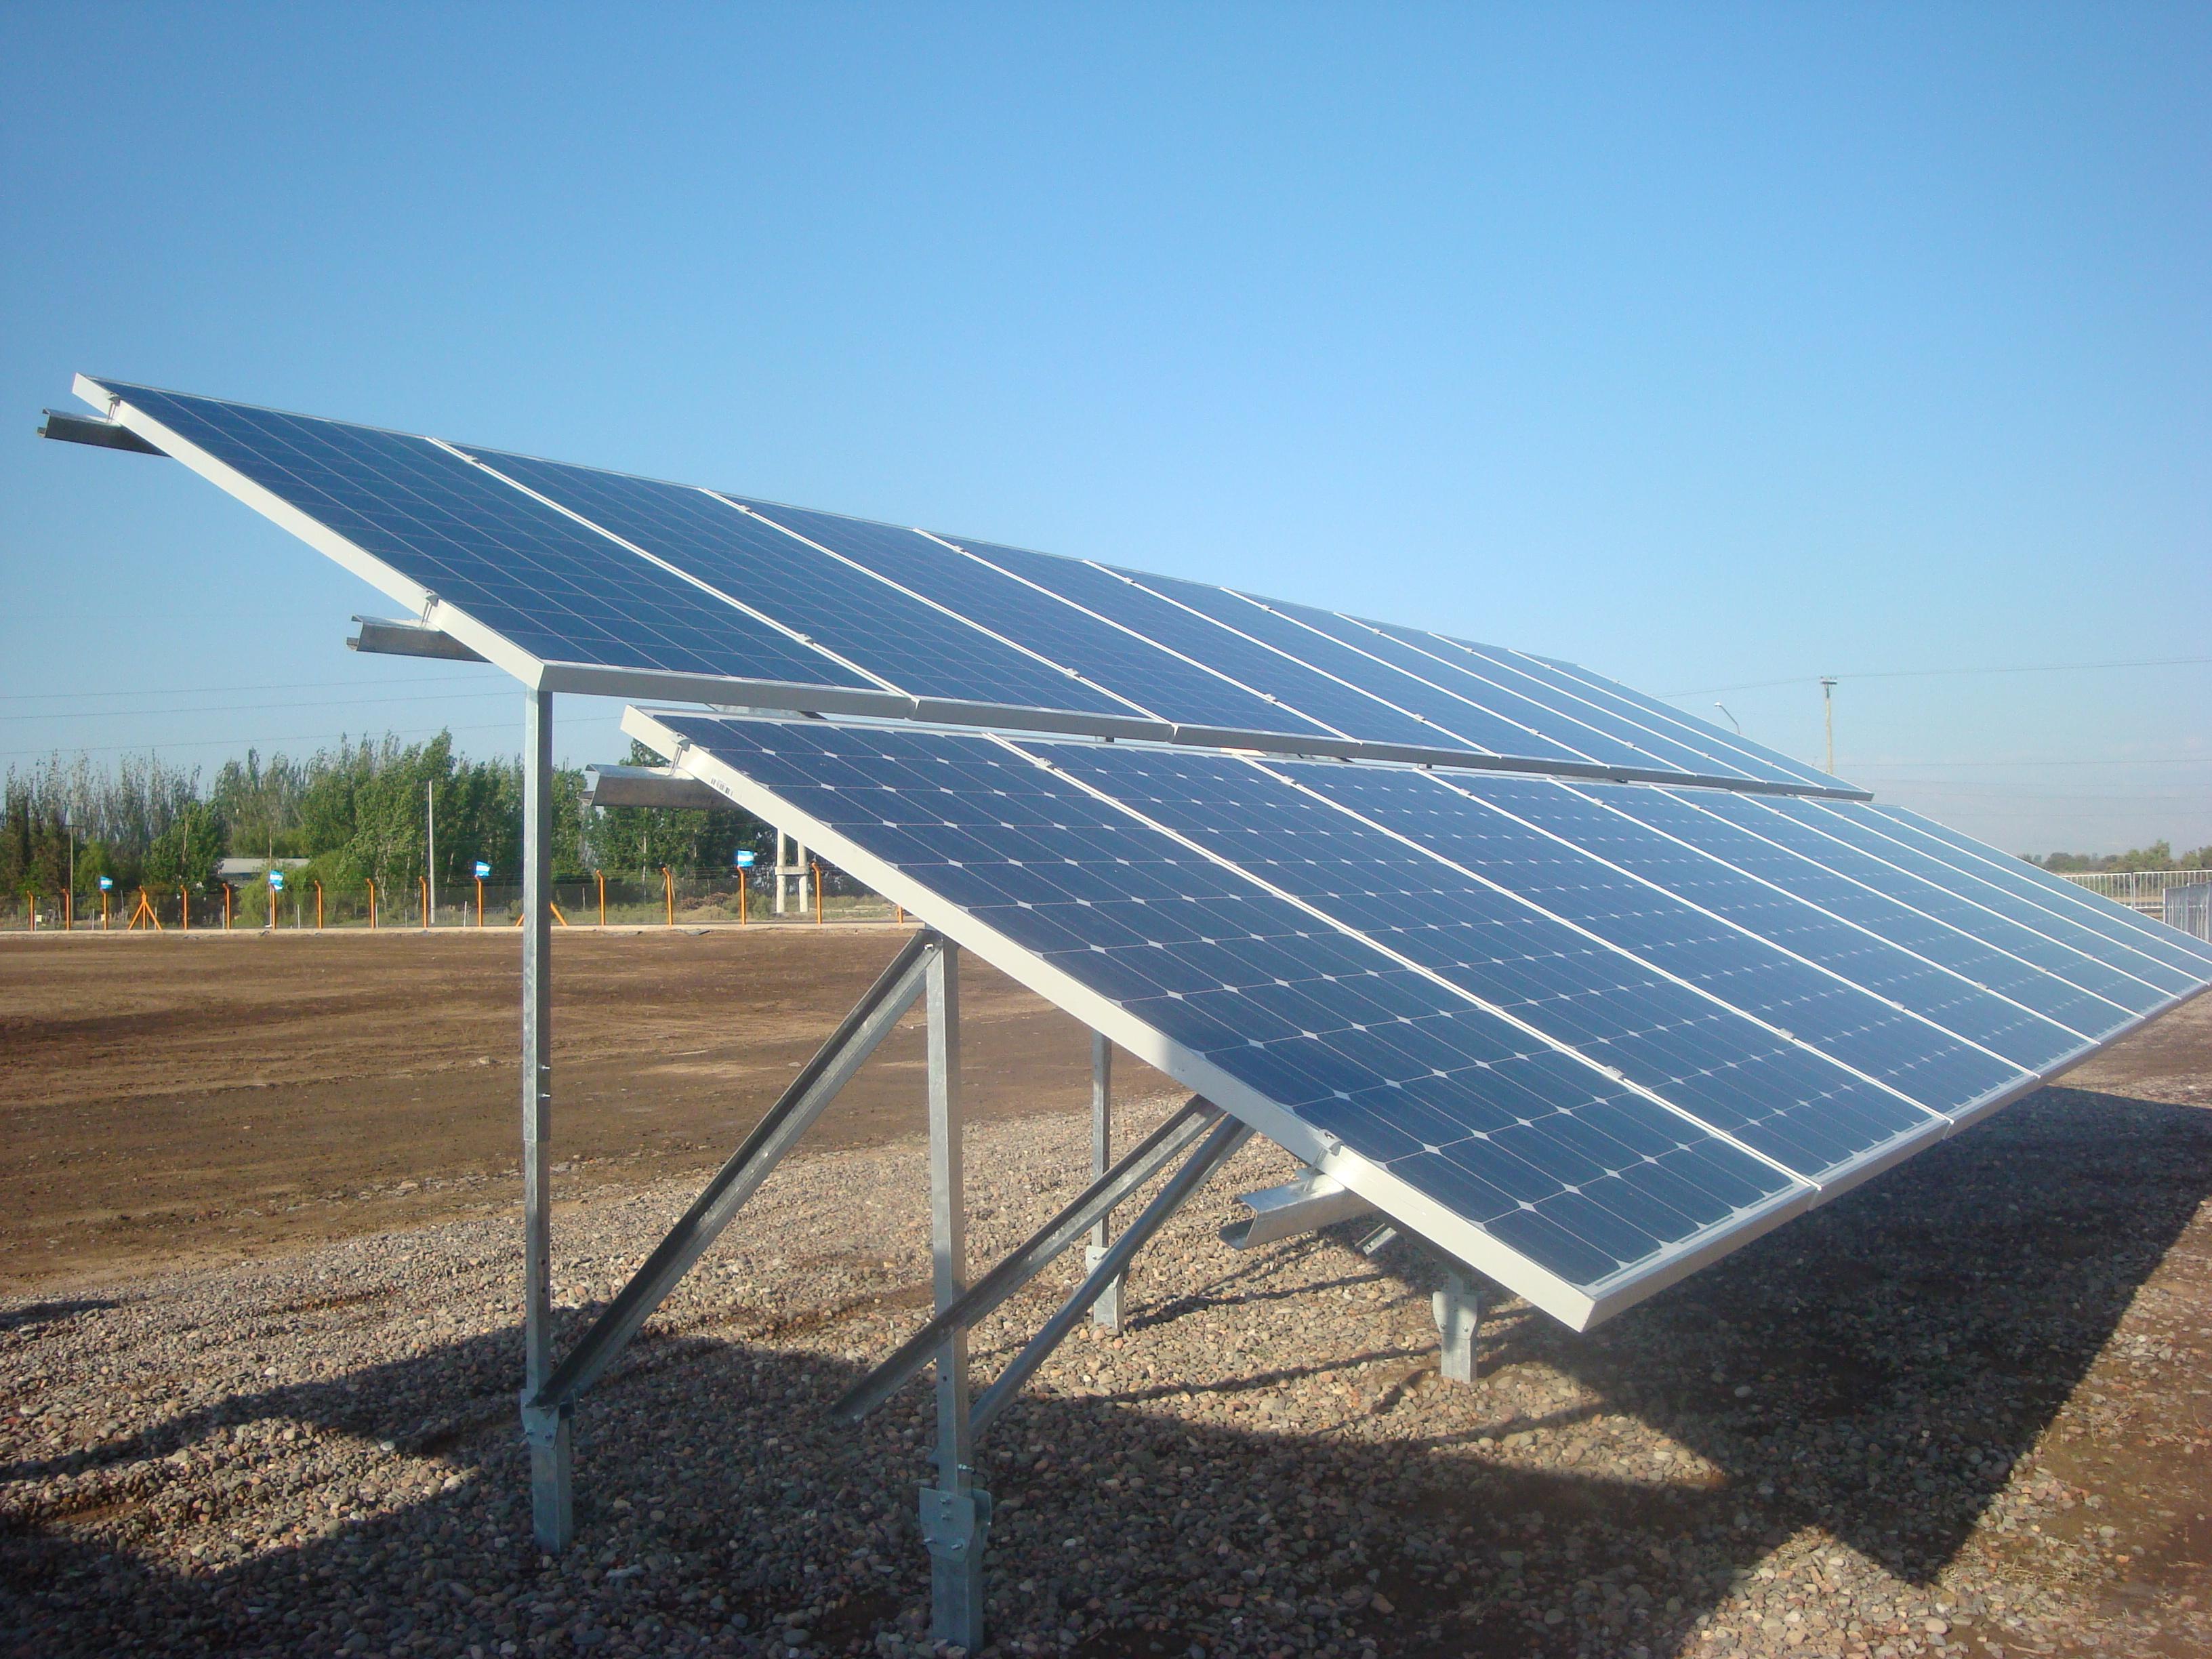 Implementación de sistema de bombeo de agua para riego agrícola aplicando energía solar fotovoltaica conectado a la red eléctrica de distribución de San Juan